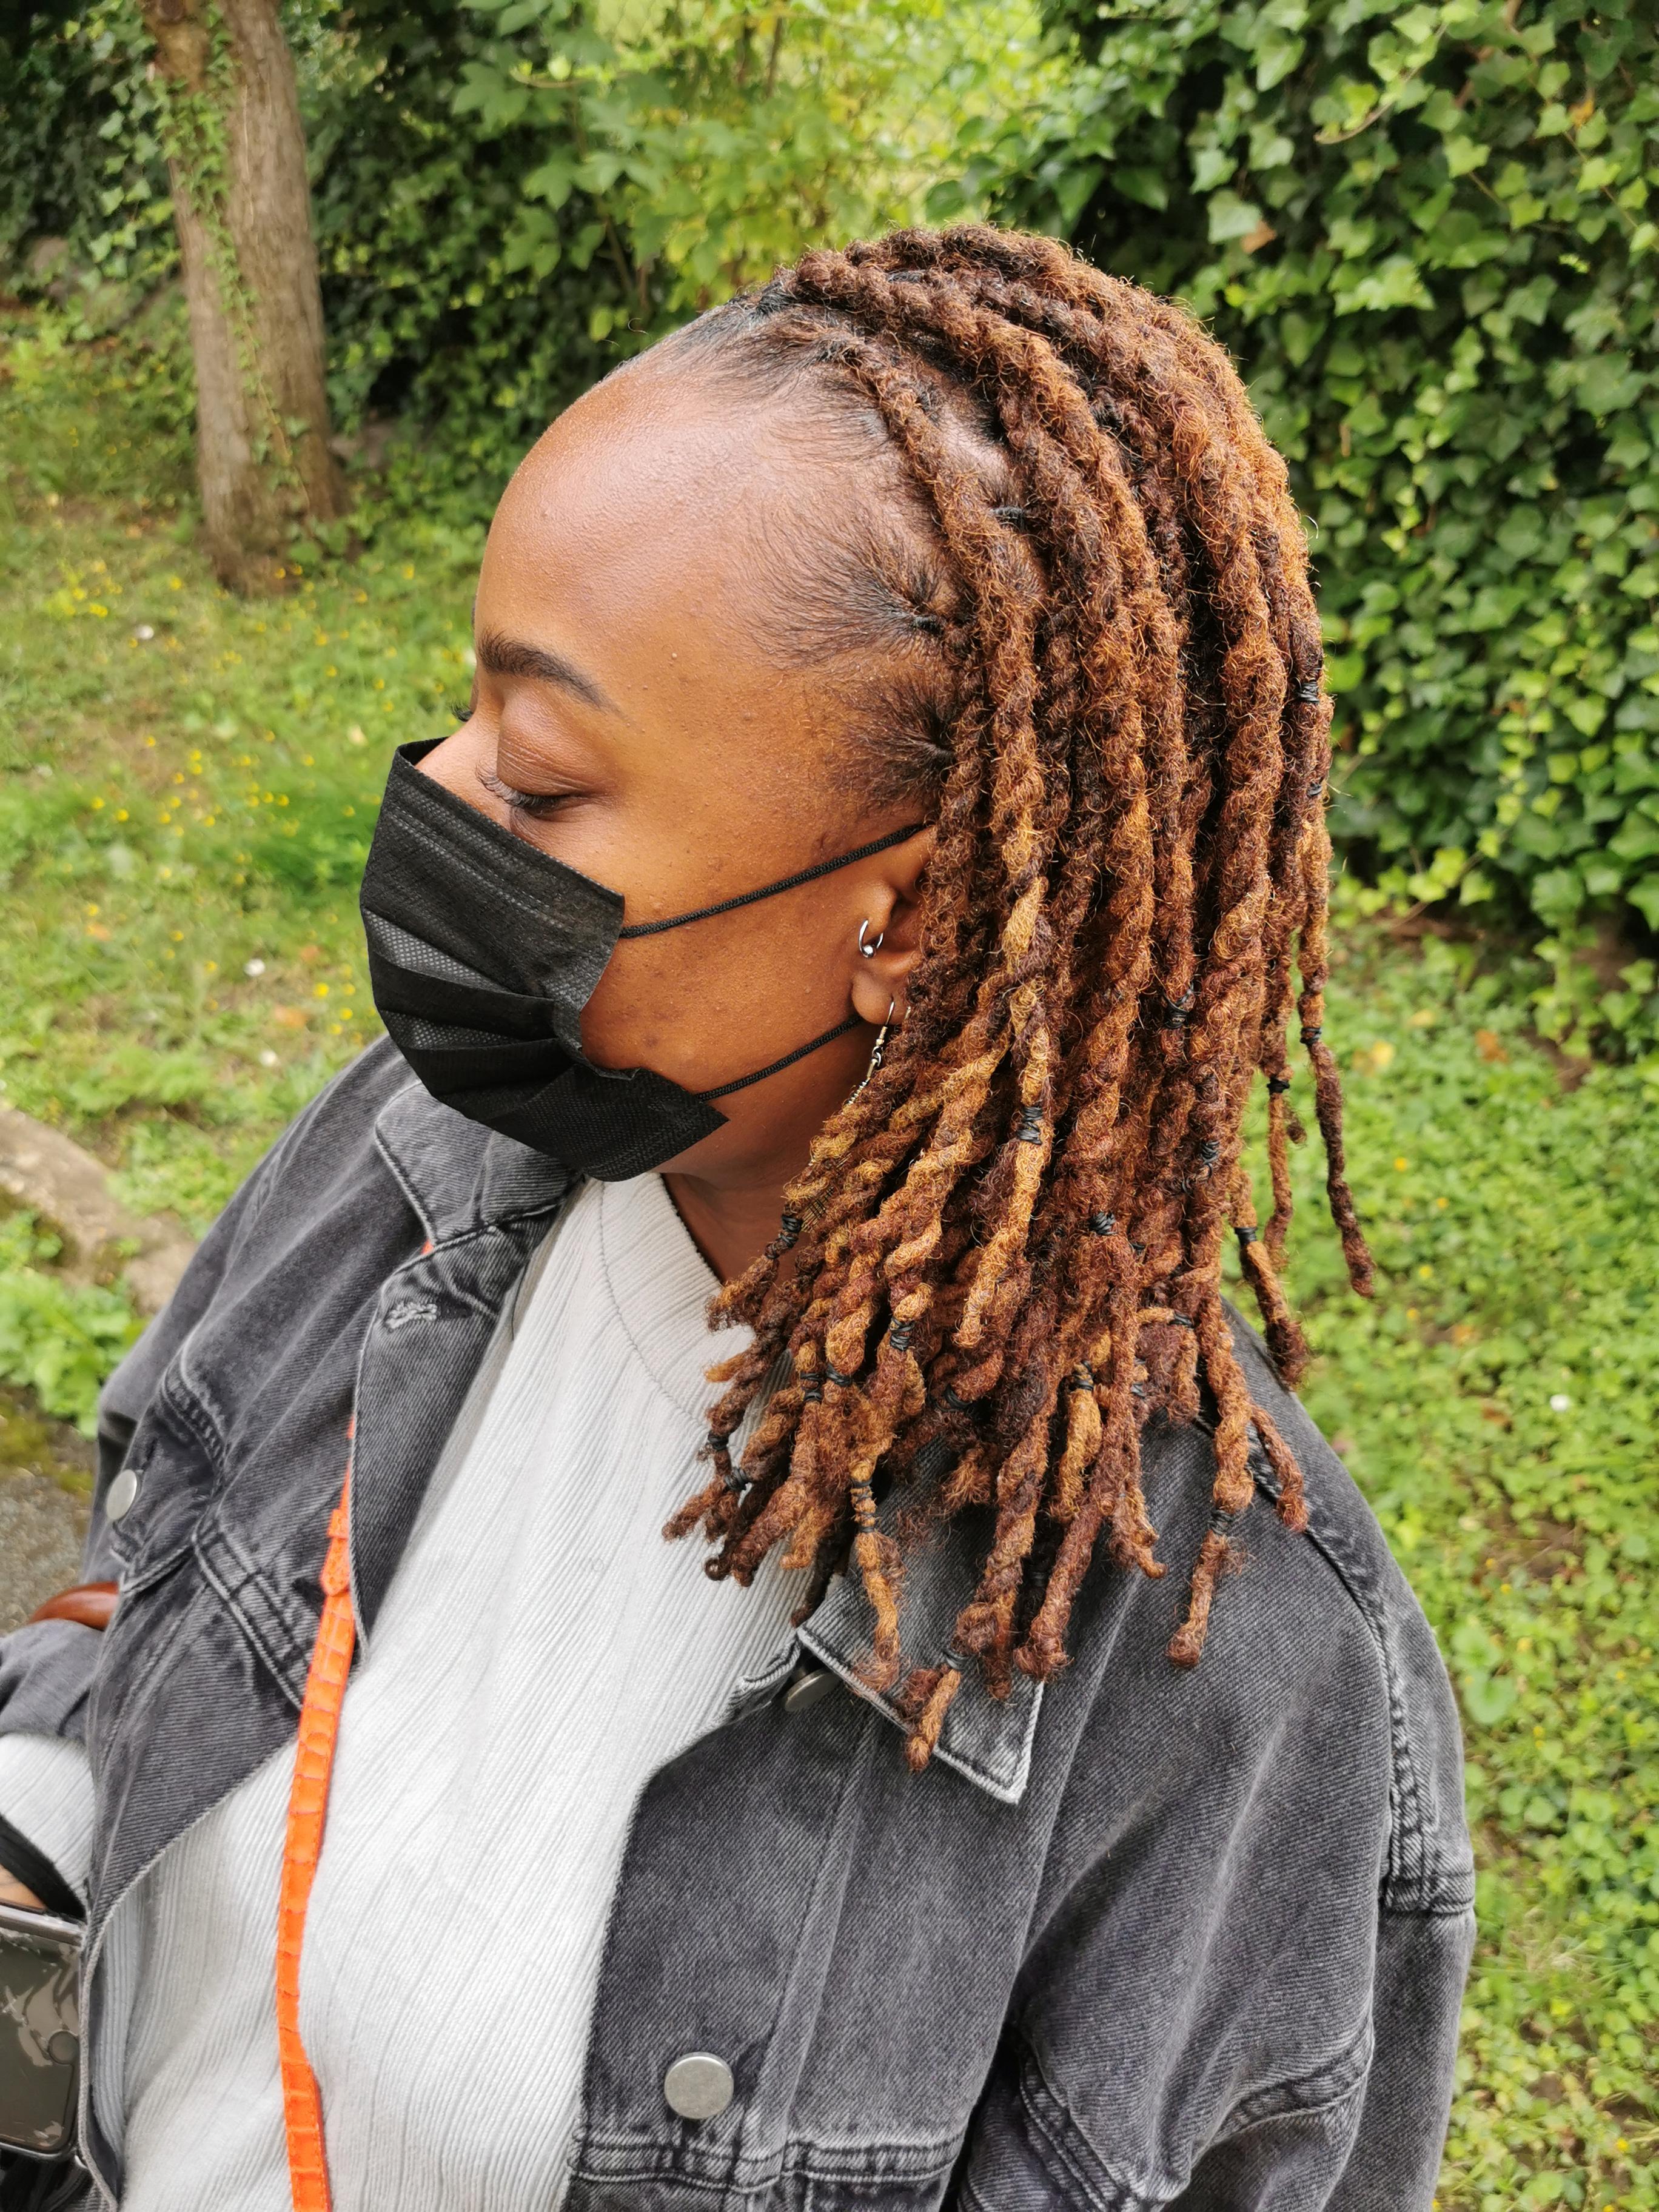 salon de coiffure afro tresse tresses box braids crochet braids vanilles tissages paris 75 77 78 91 92 93 94 95 WCMIIBPJ